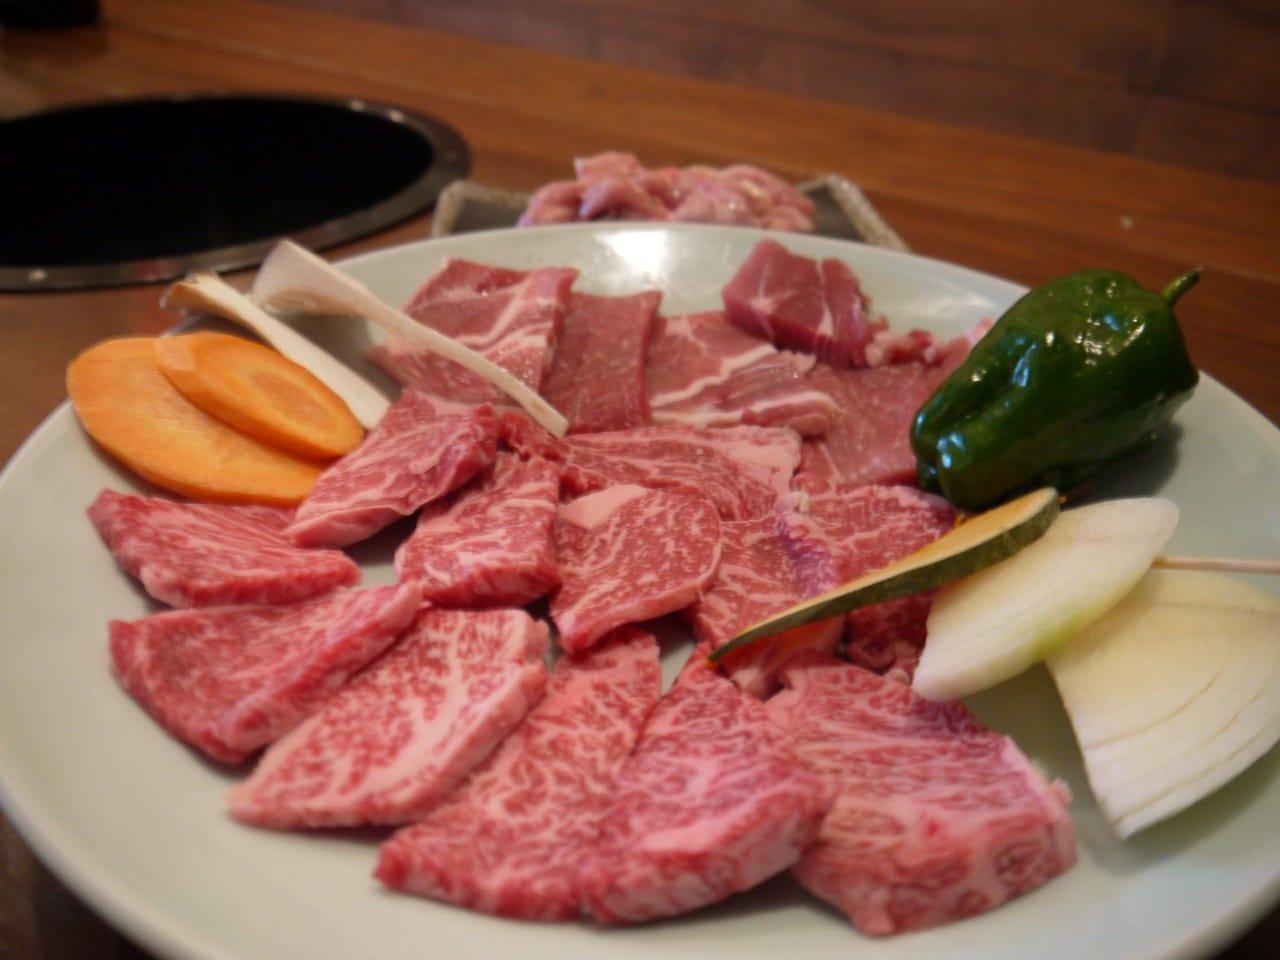 【3000円コース】焼肉・〆・デザートなど16品付いて3000円※食べ放題ではありません